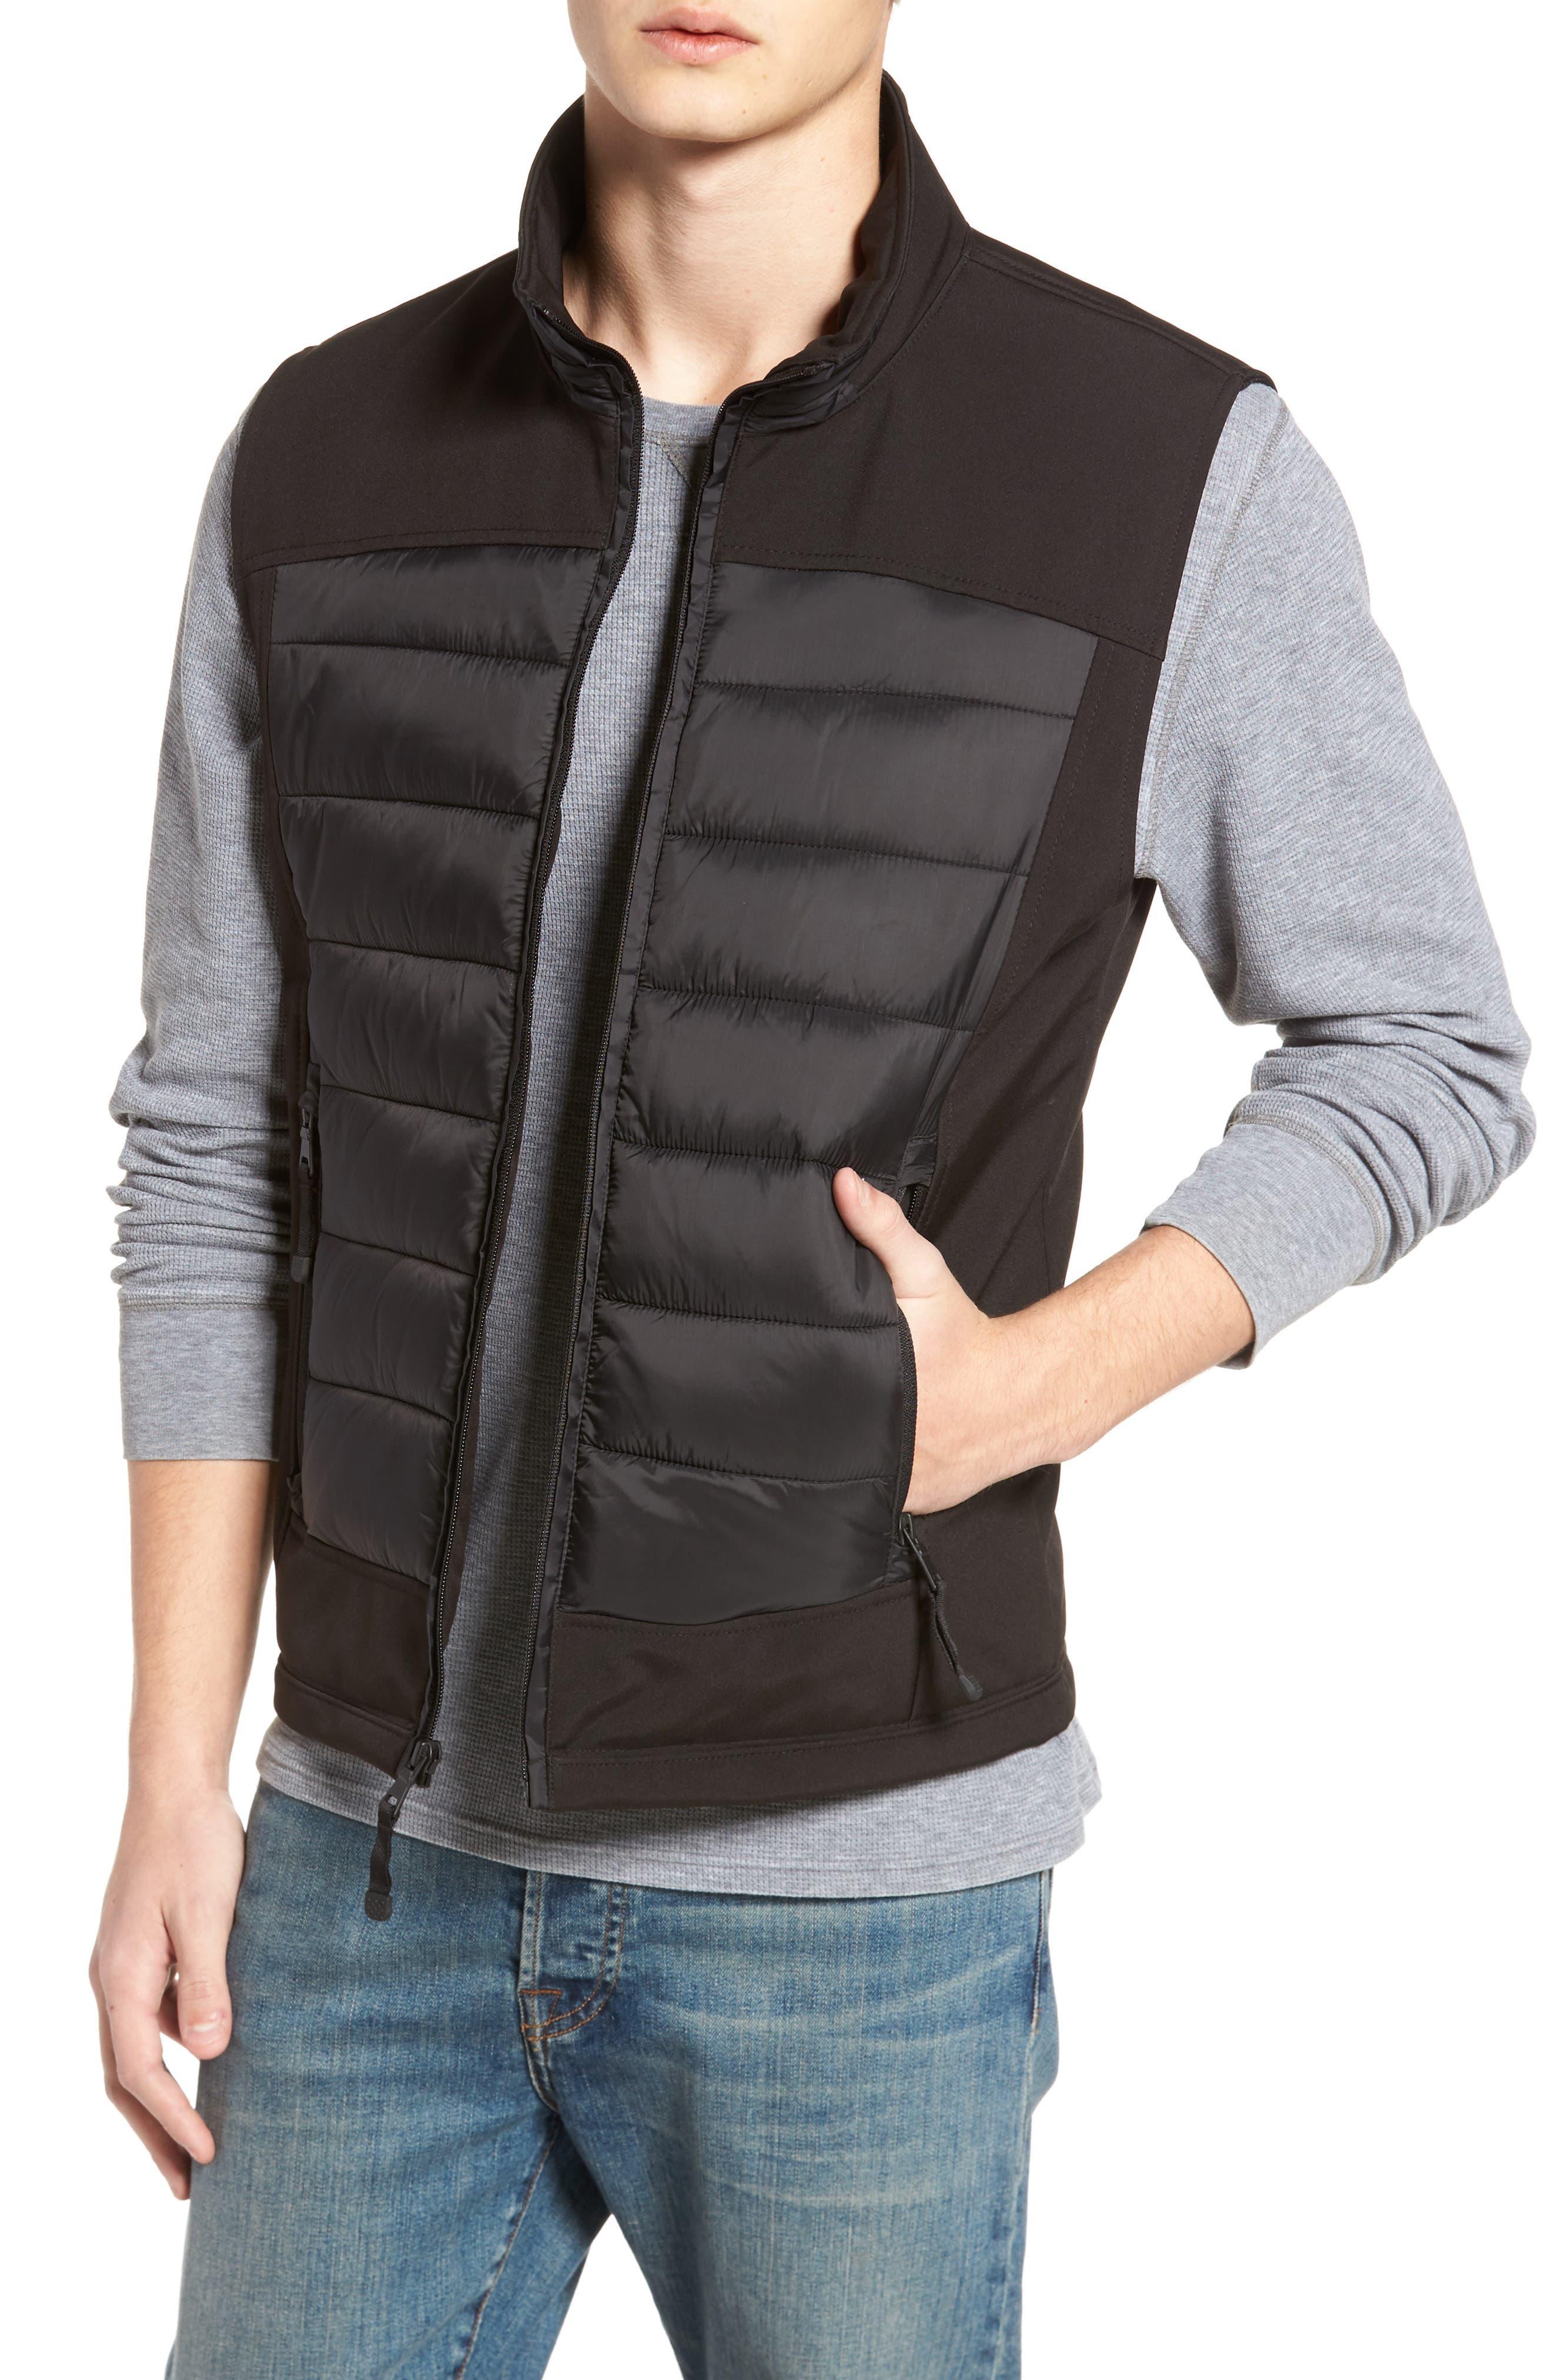 Alternate Image 1 Selected - Black Rivet Quilted Vest